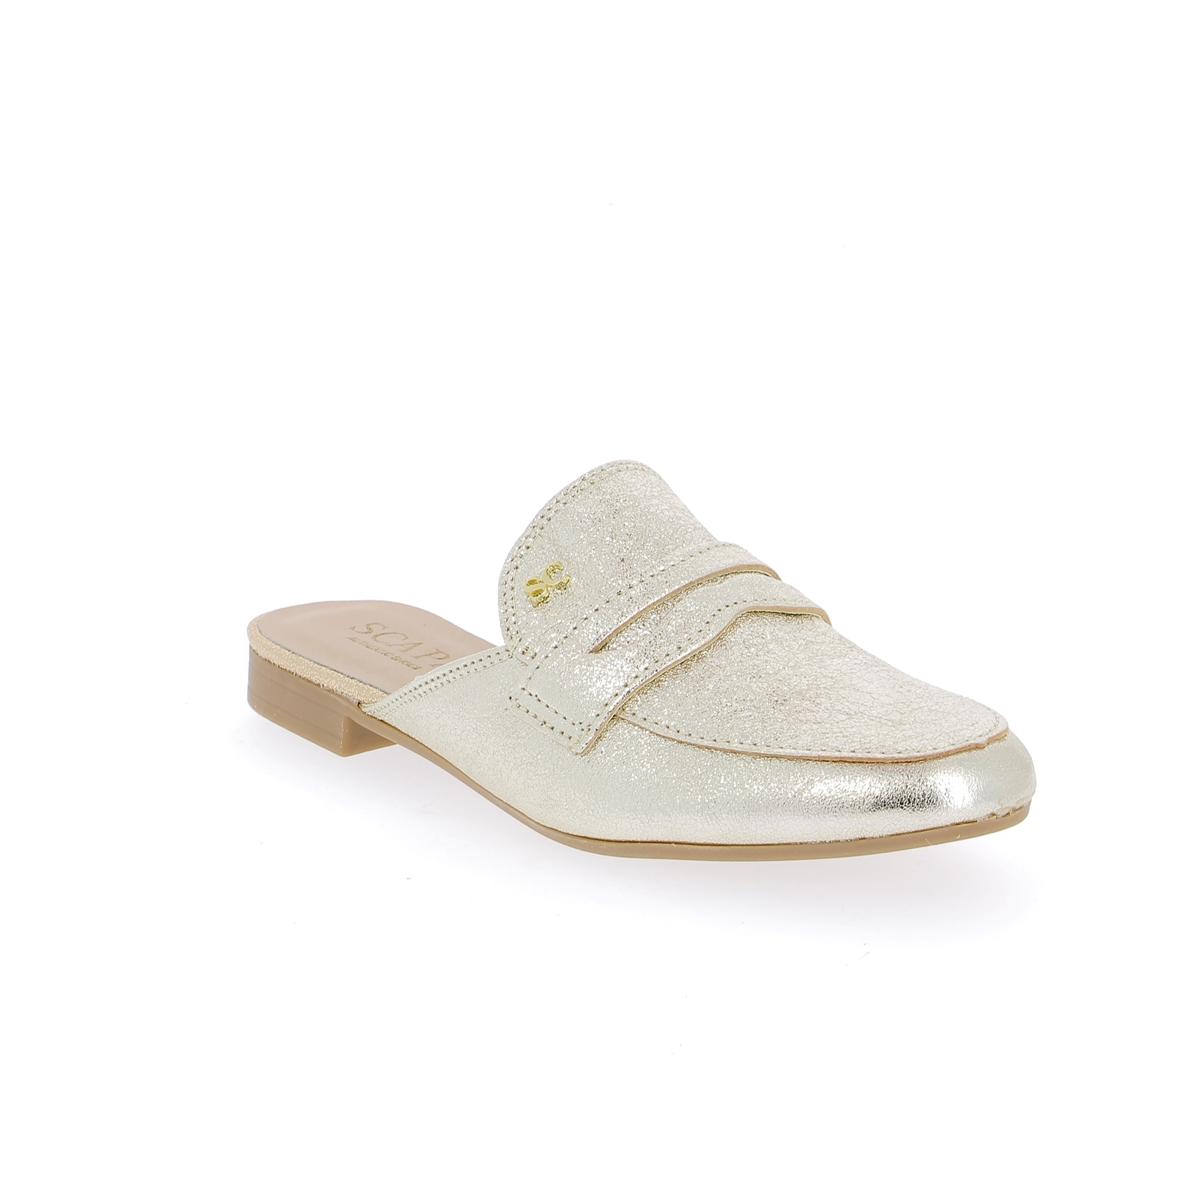 c6cdcb9c8e3 Scapa Muiltjes - slippers Scapa Muiltjes - slippers goud